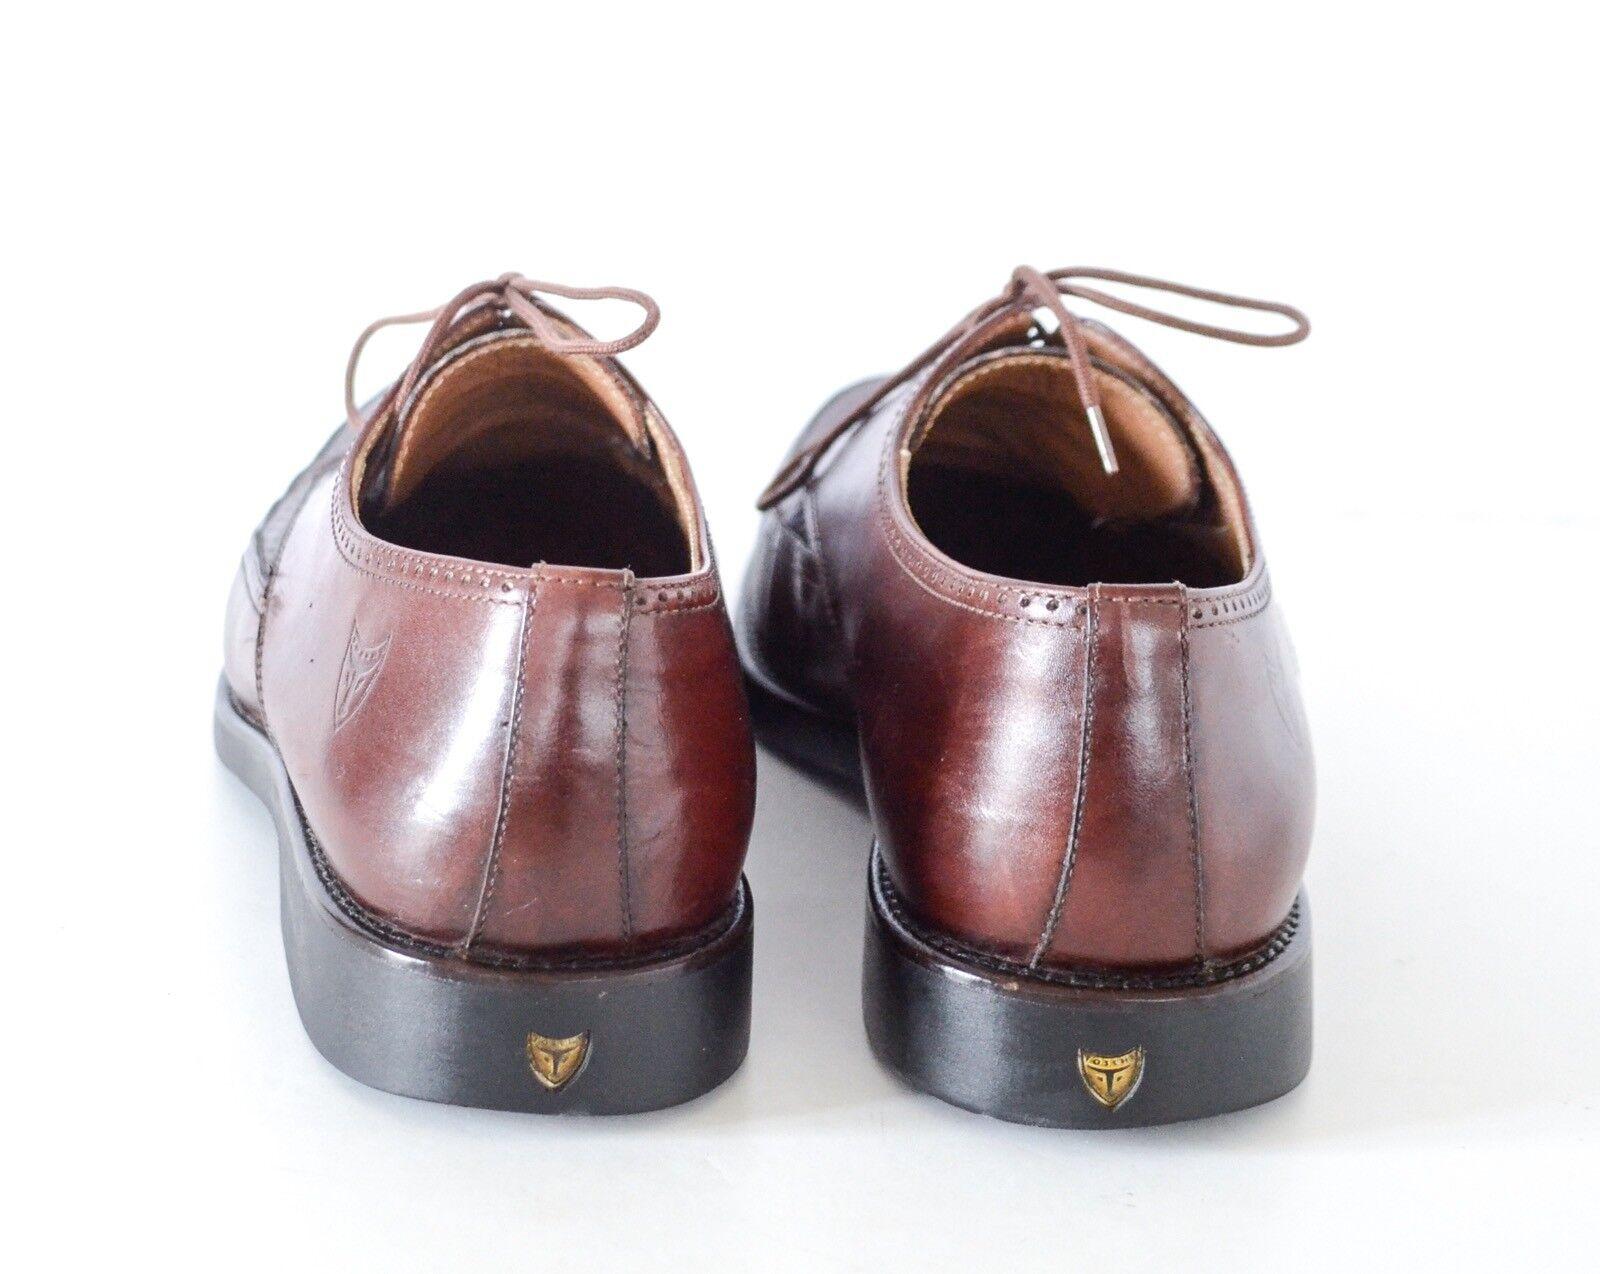 Toschi uomo's Brown Textured Leather Oxfords 9.5M Made in Italy Scarpe classiche da uomo